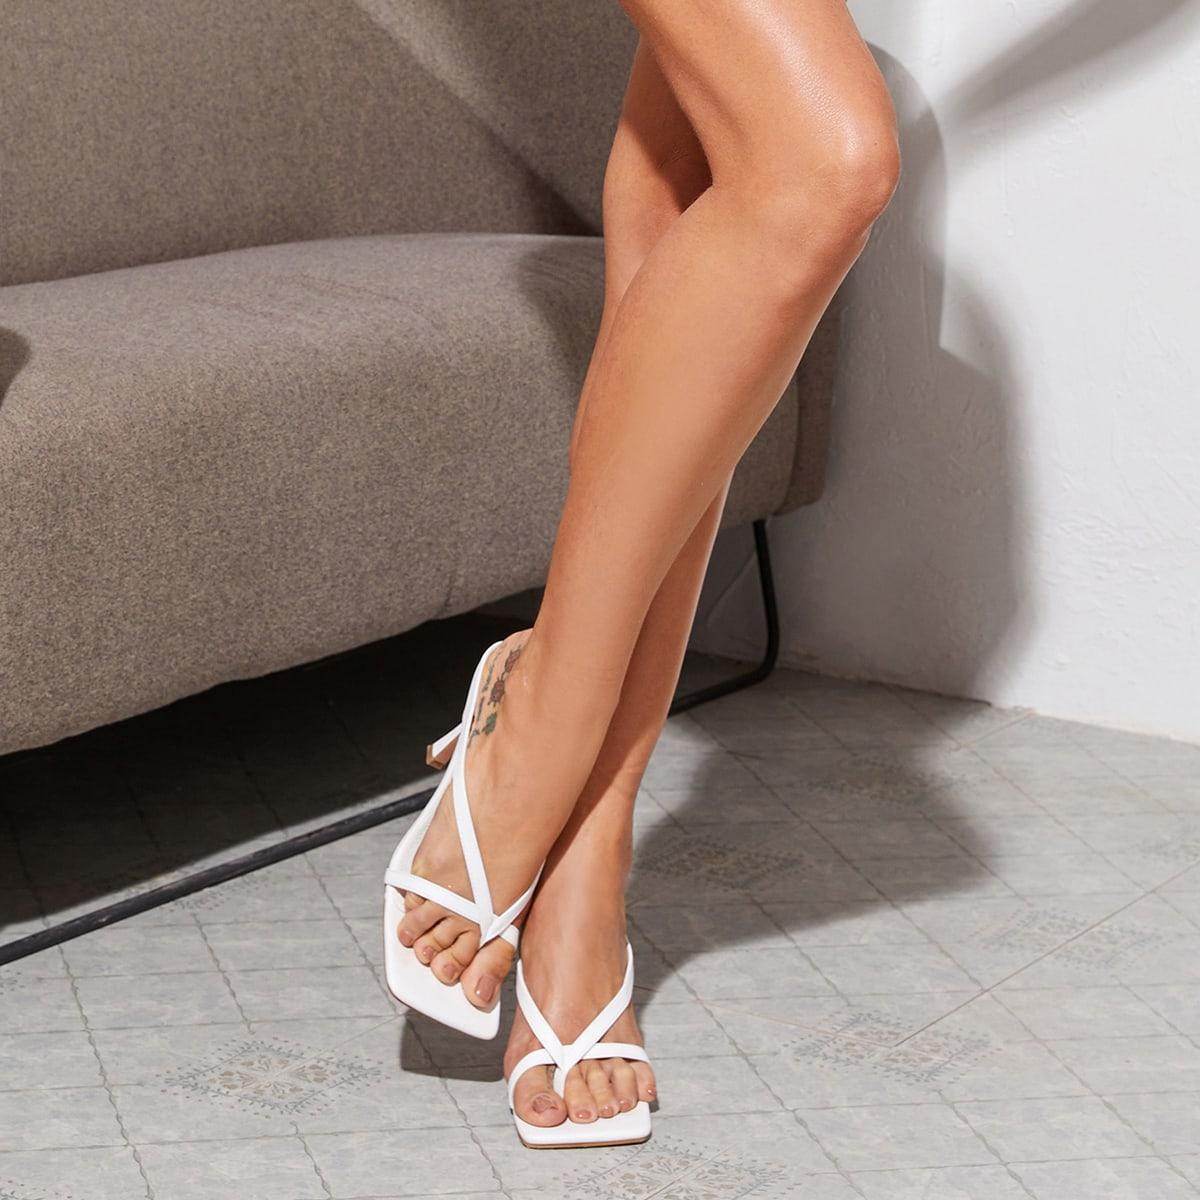 Пяточные туфли на шпильках